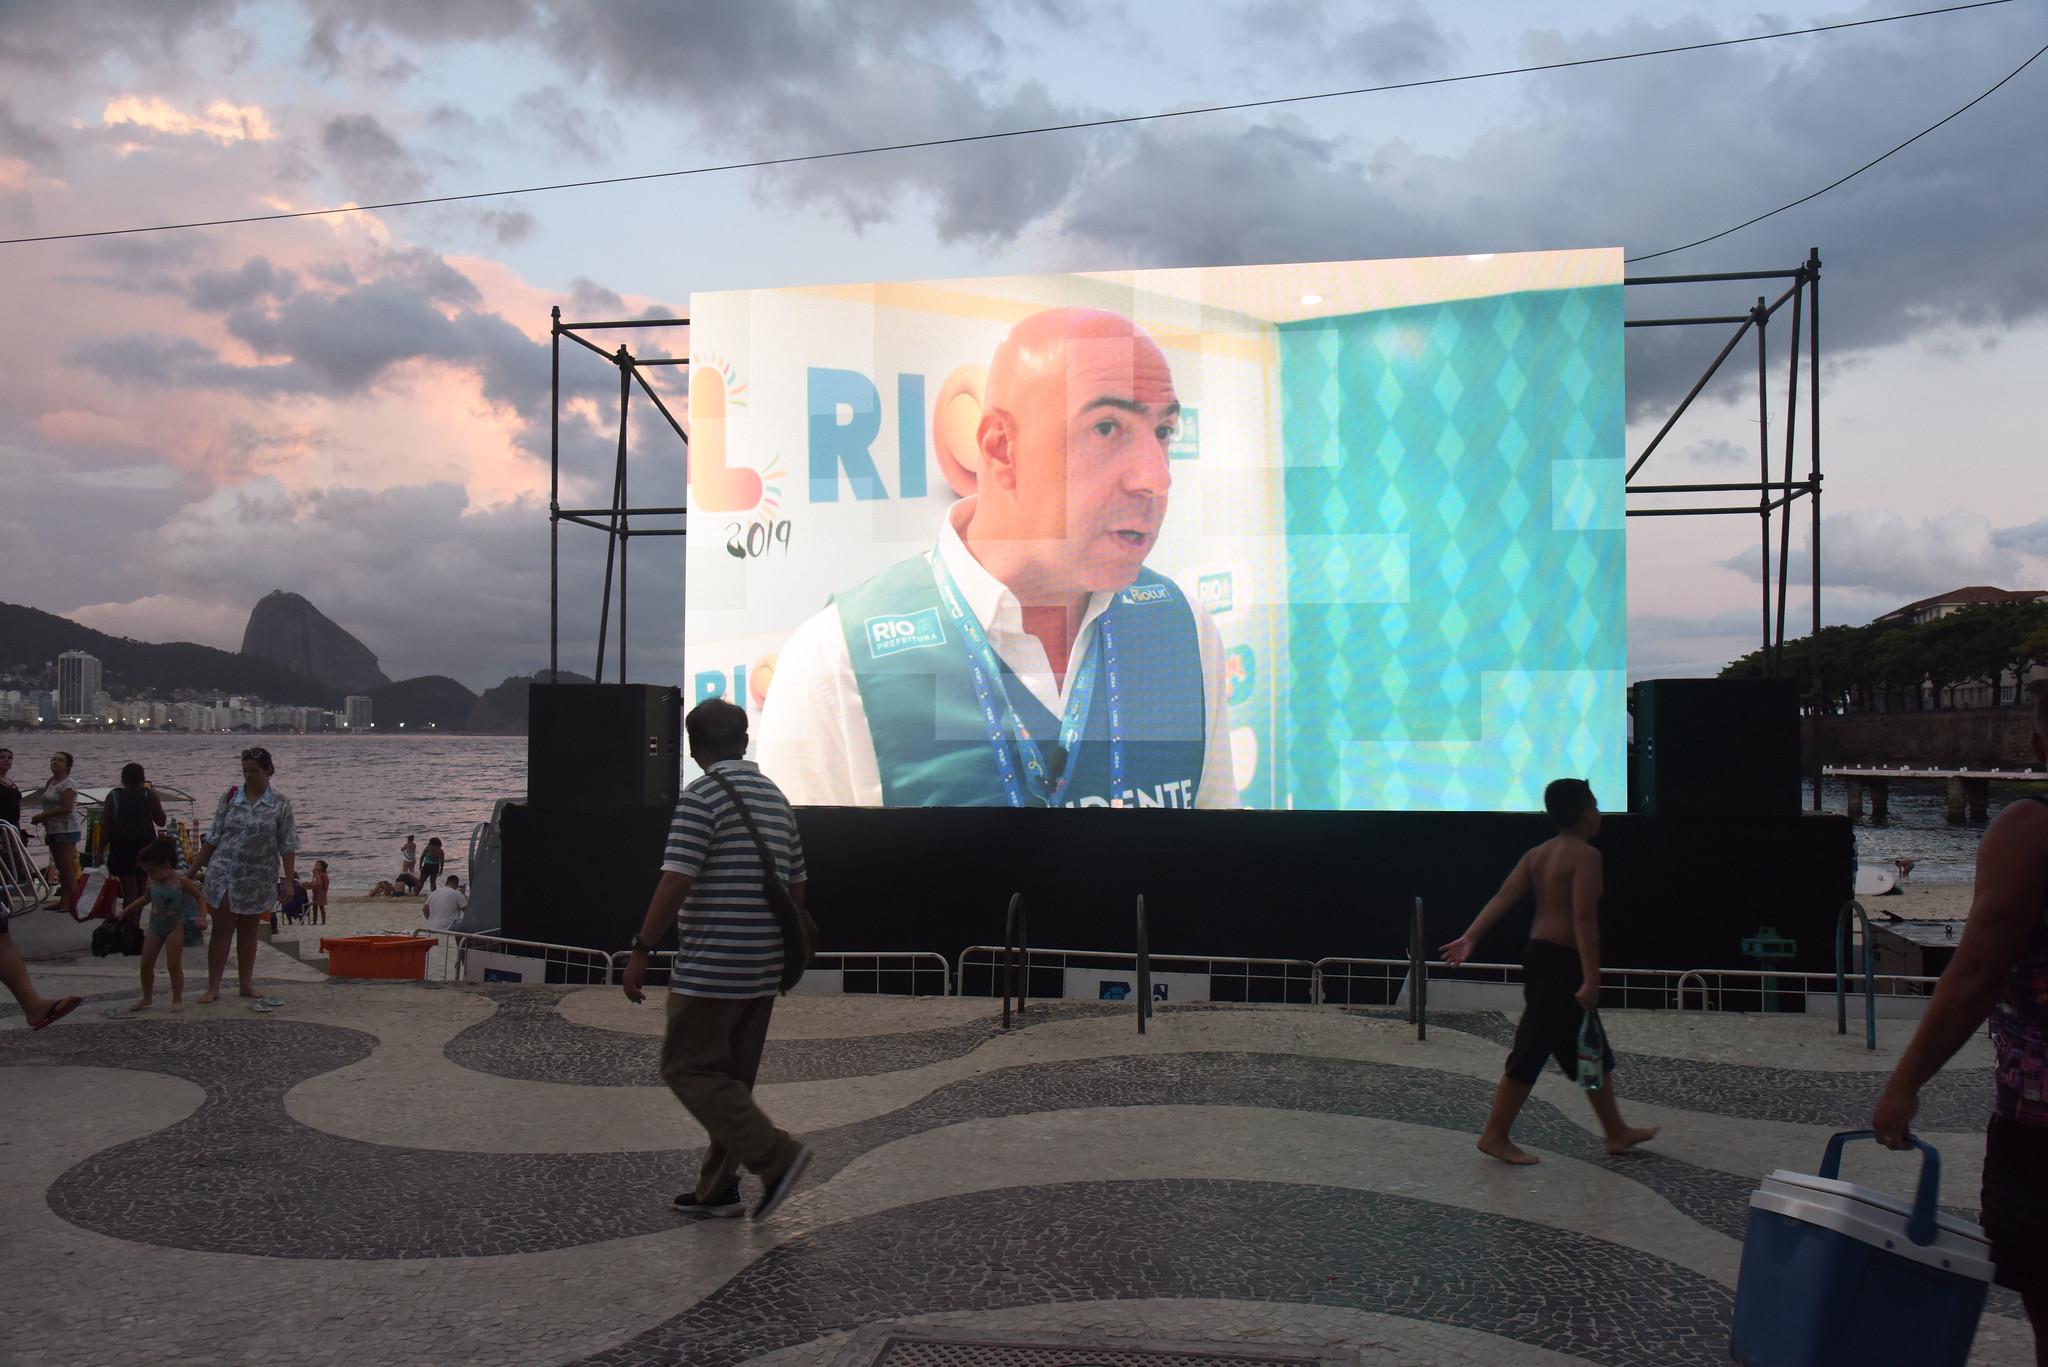 Réveillon Rio 2020 - Praia de Copacabana - Rio de Janeiro. 31.12.2019. Photo: Alexandre Macieira / Riotur.